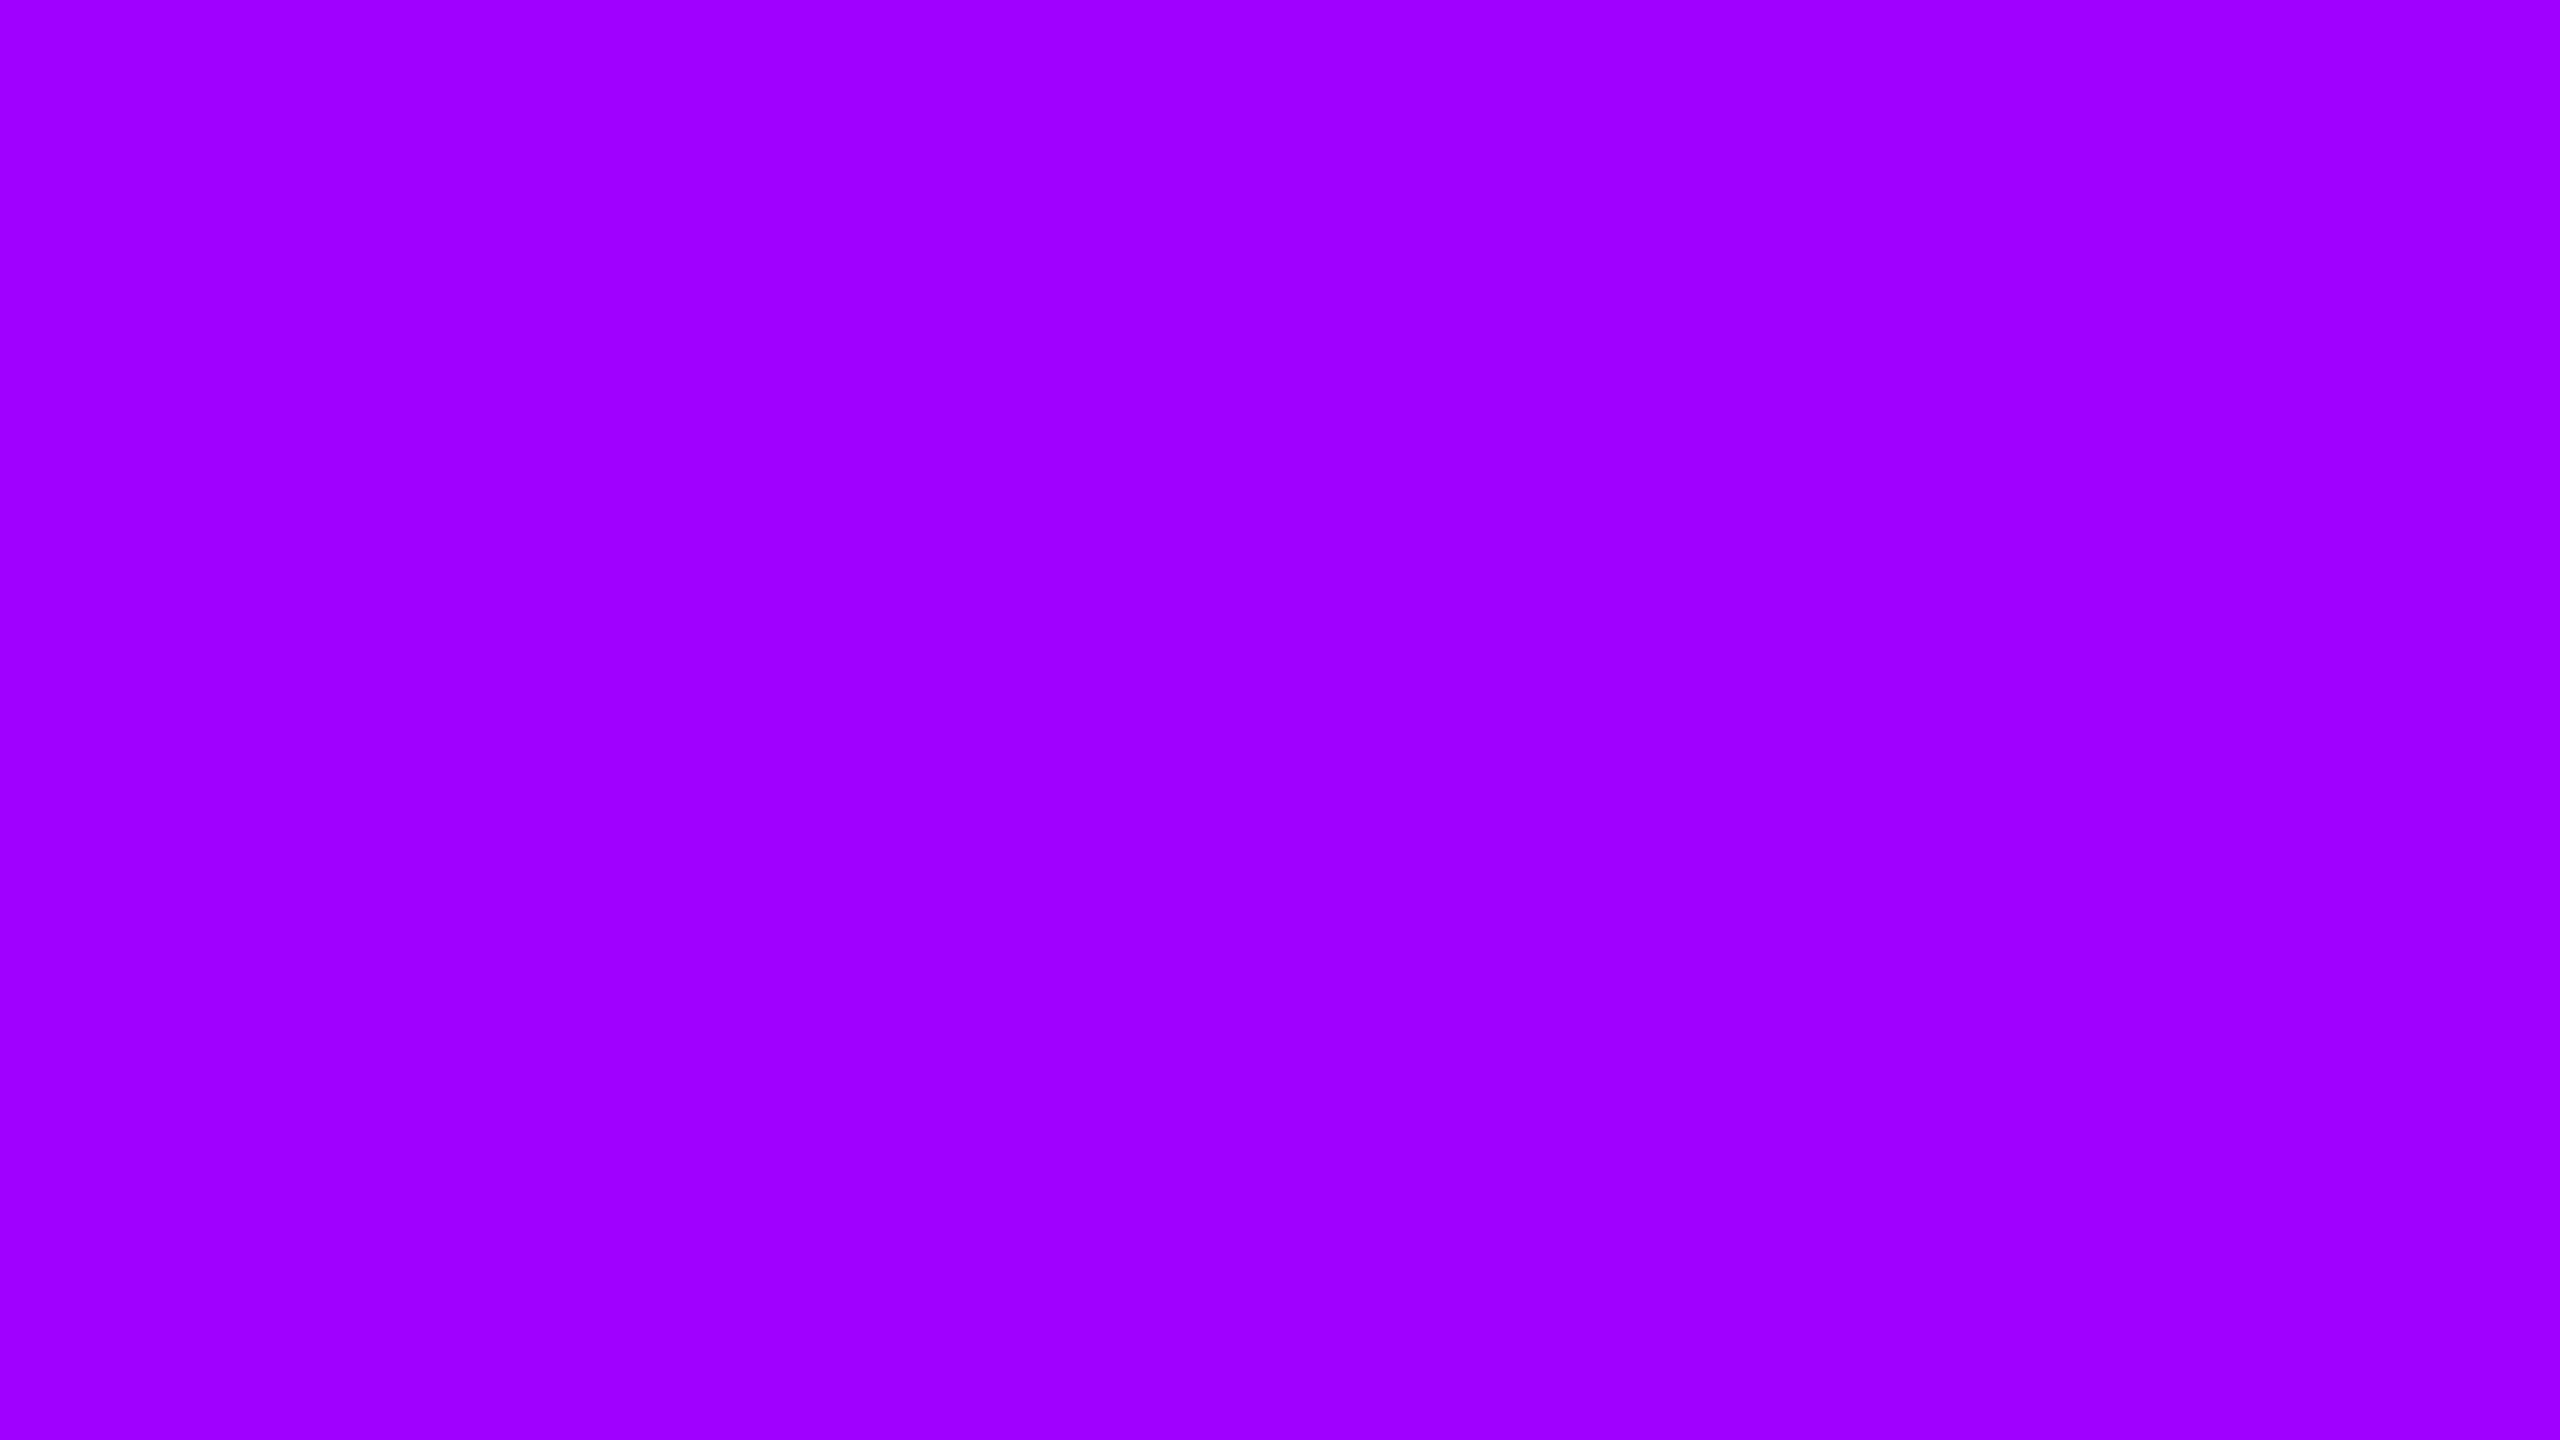 2560x1440 Vivid Violet Solid Color Background